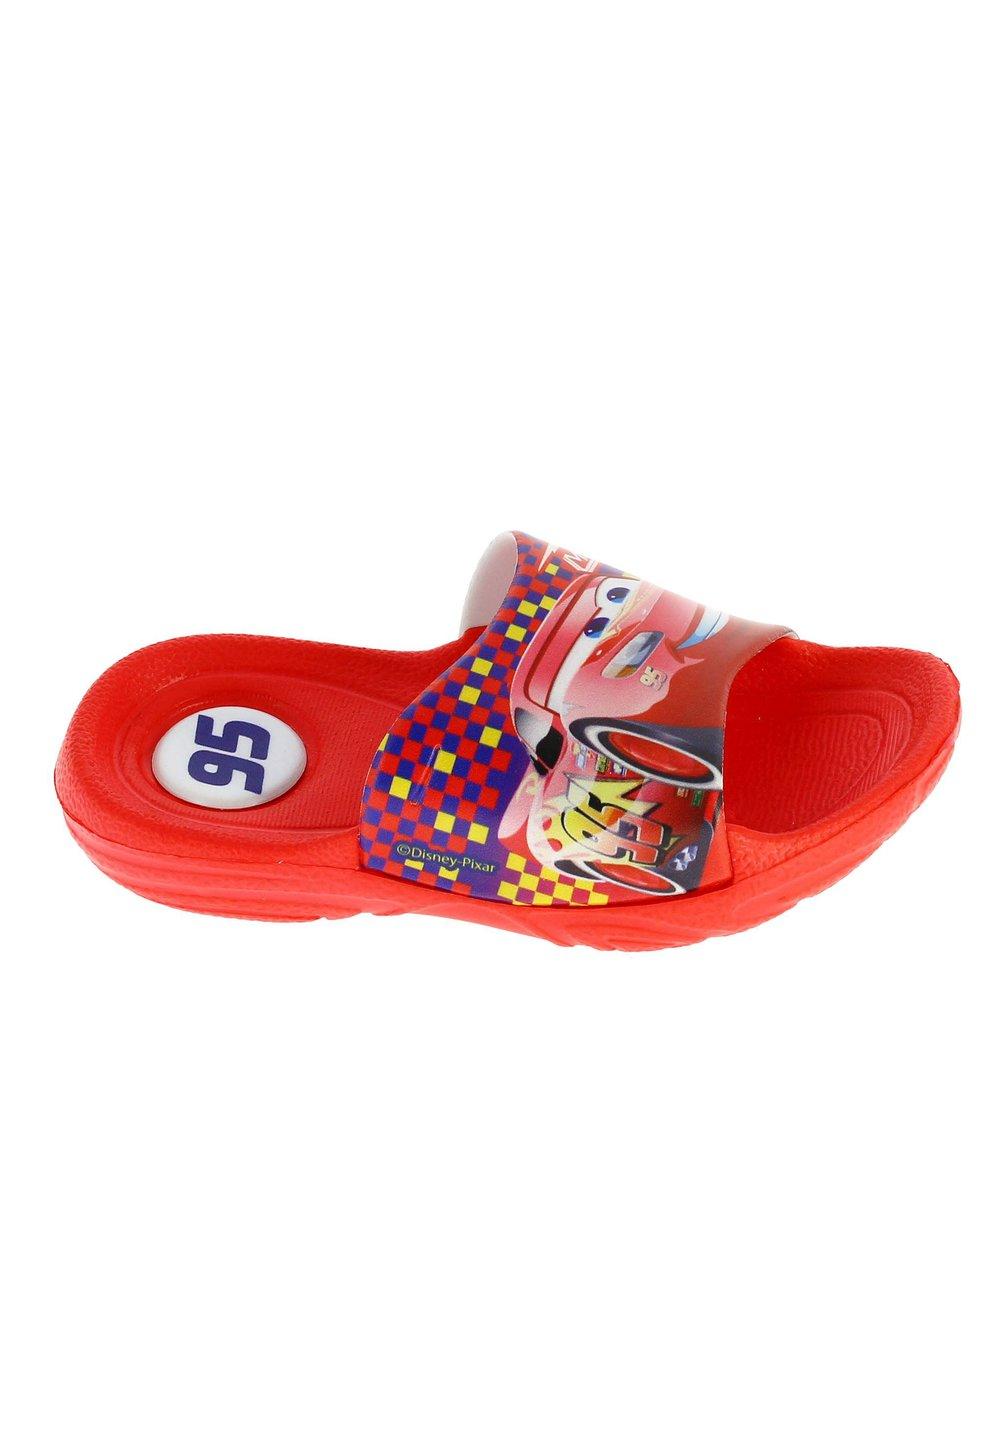 Papuci, rosii, Cars 95 imagine